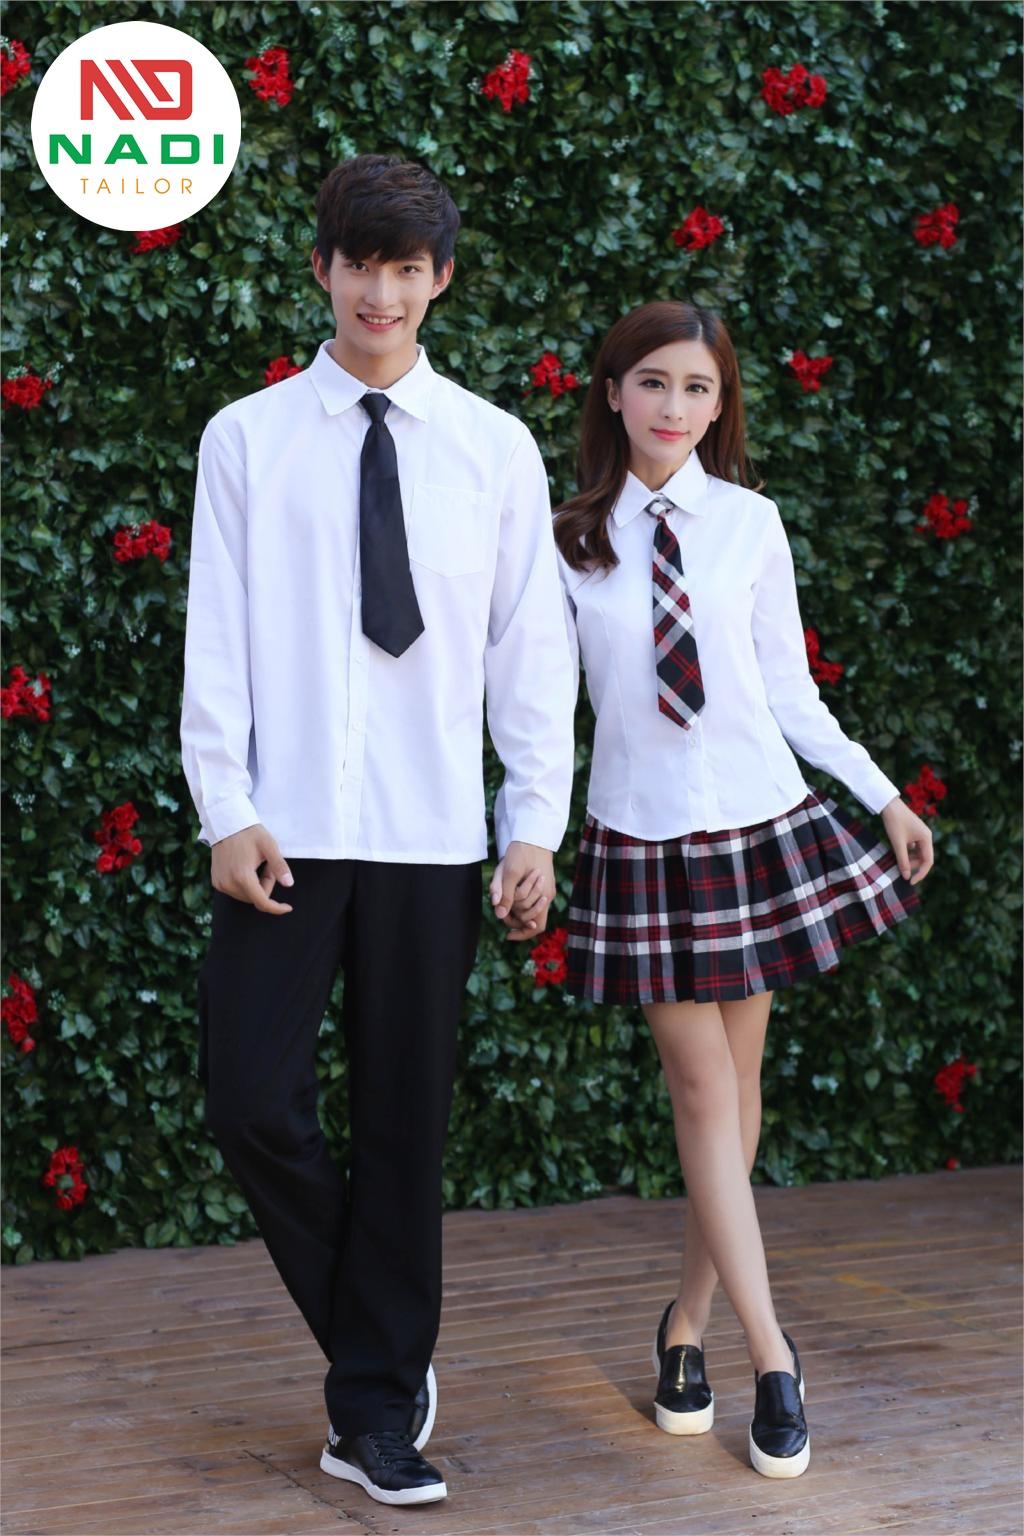 Mẫu đồng phục học sinh đẹp Hàn Quốc dành cho nam